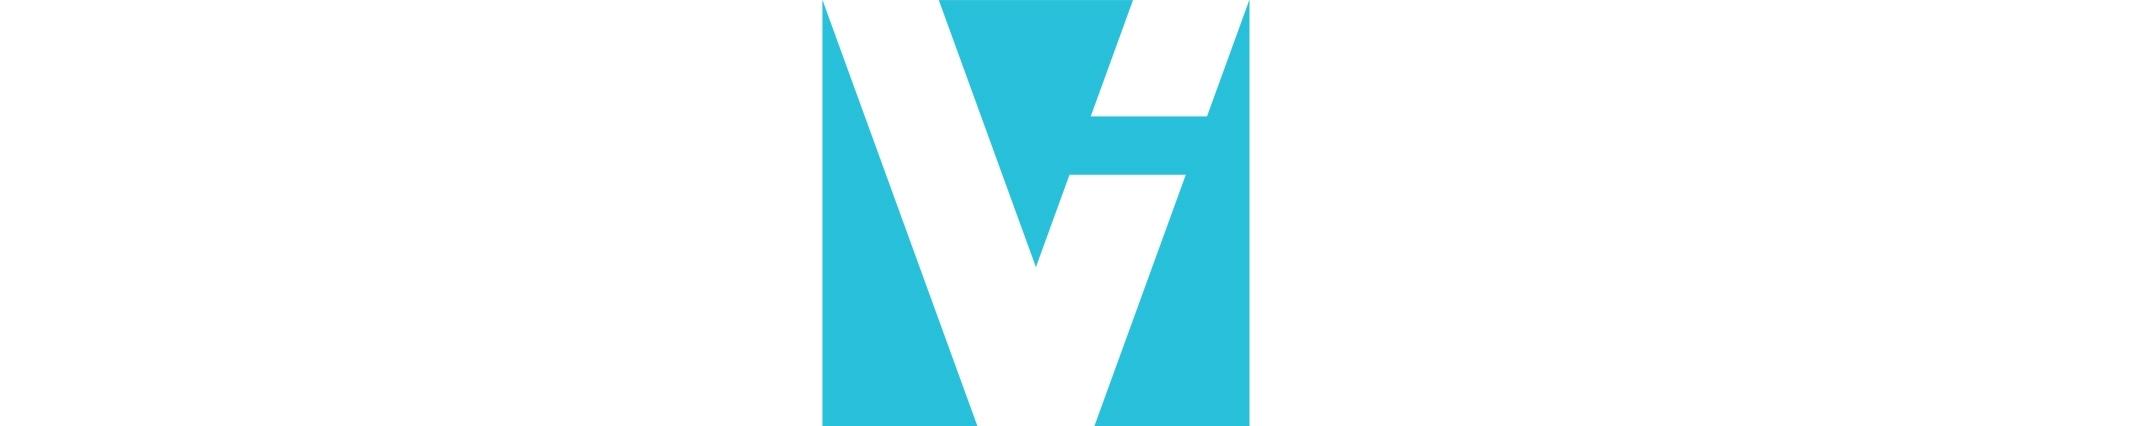 Identyfikacja wizualna | projektowanie DTP | Visual Image